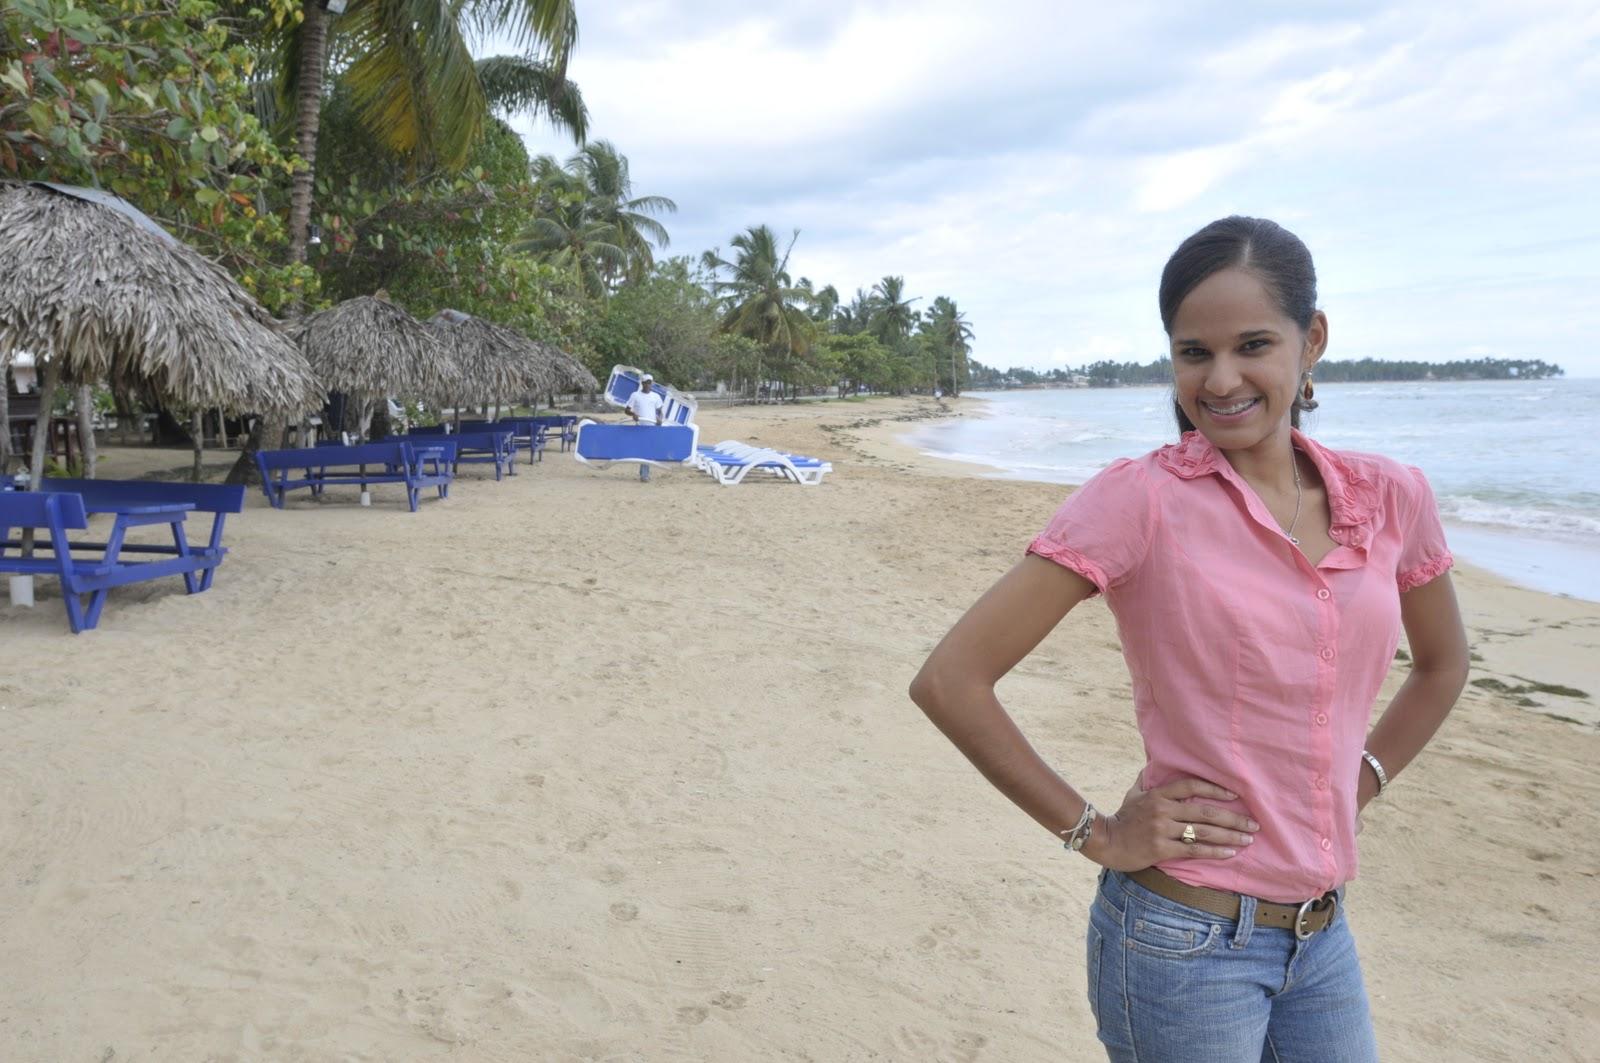 T2 la chica más hermosa del mundo sopla en la playa 2